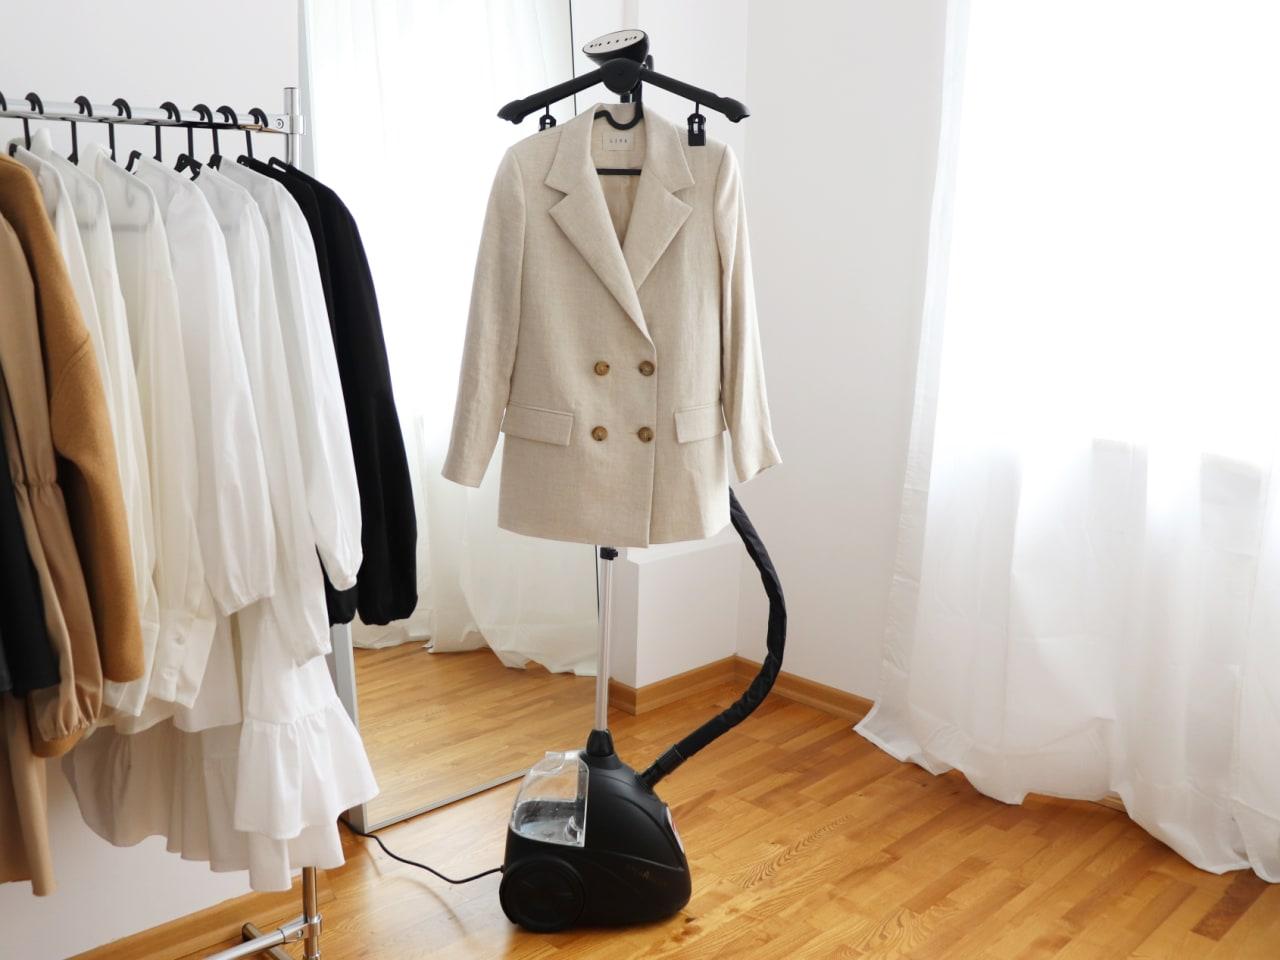 dezynfekowanie-ubran-w-sklepach-2020-2-1024x768